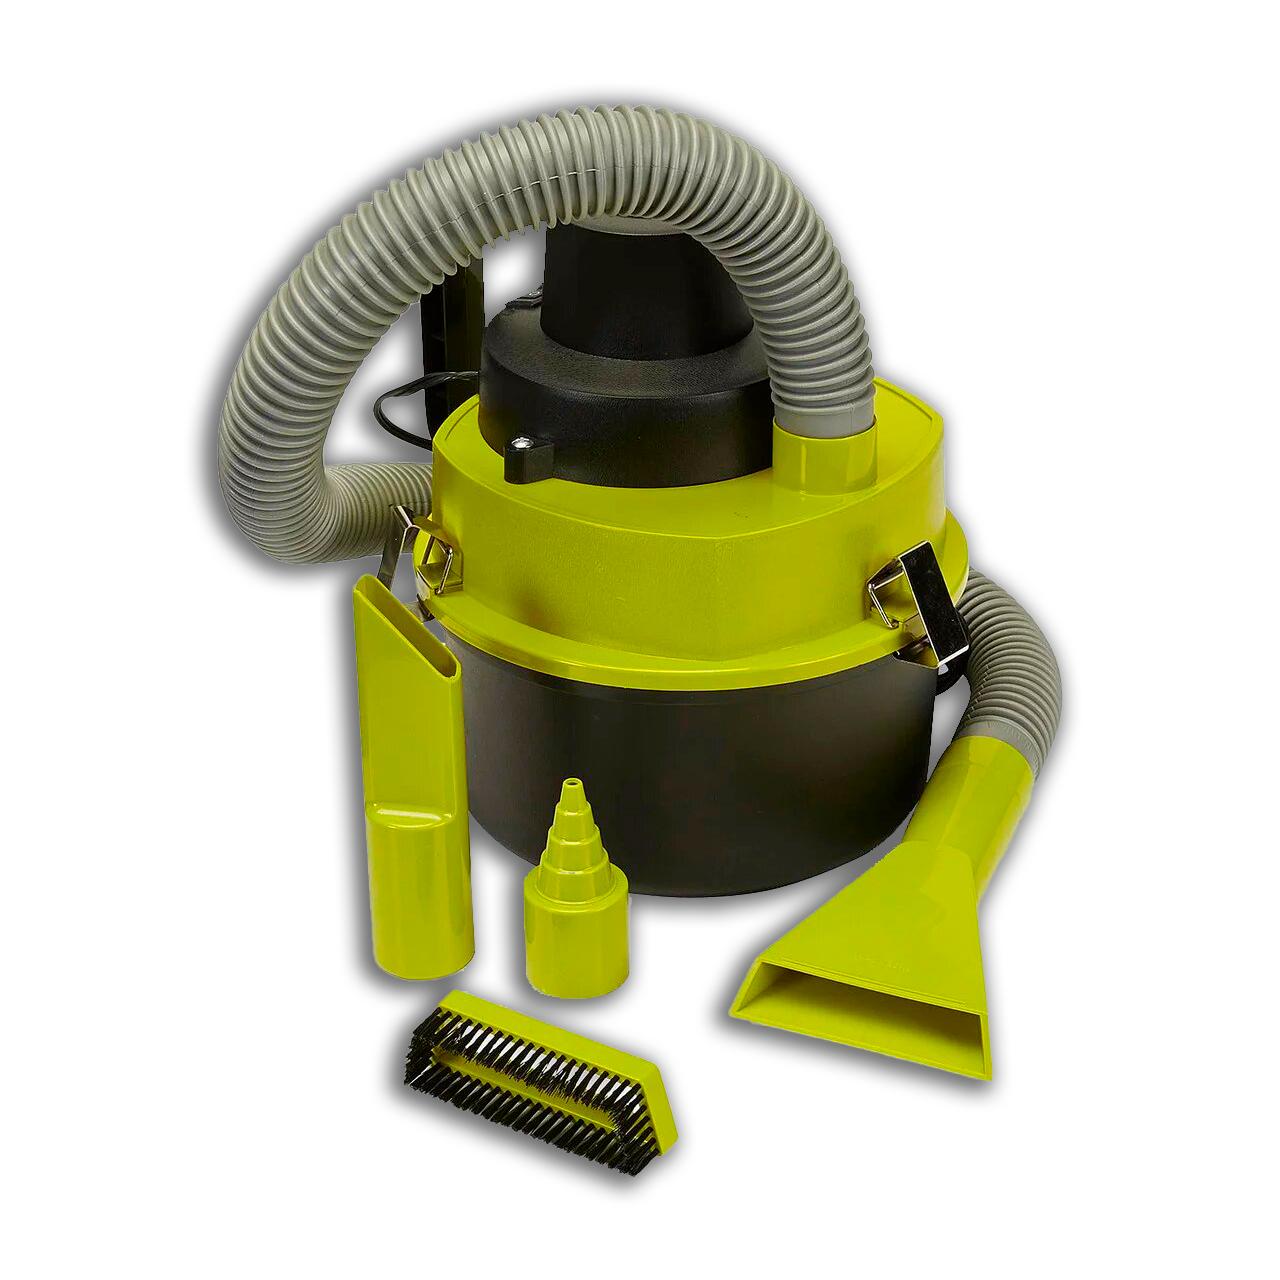 Автомобильный пылесос для сухой и влажной уборки The Blac Series, 3 насадки, зеленый